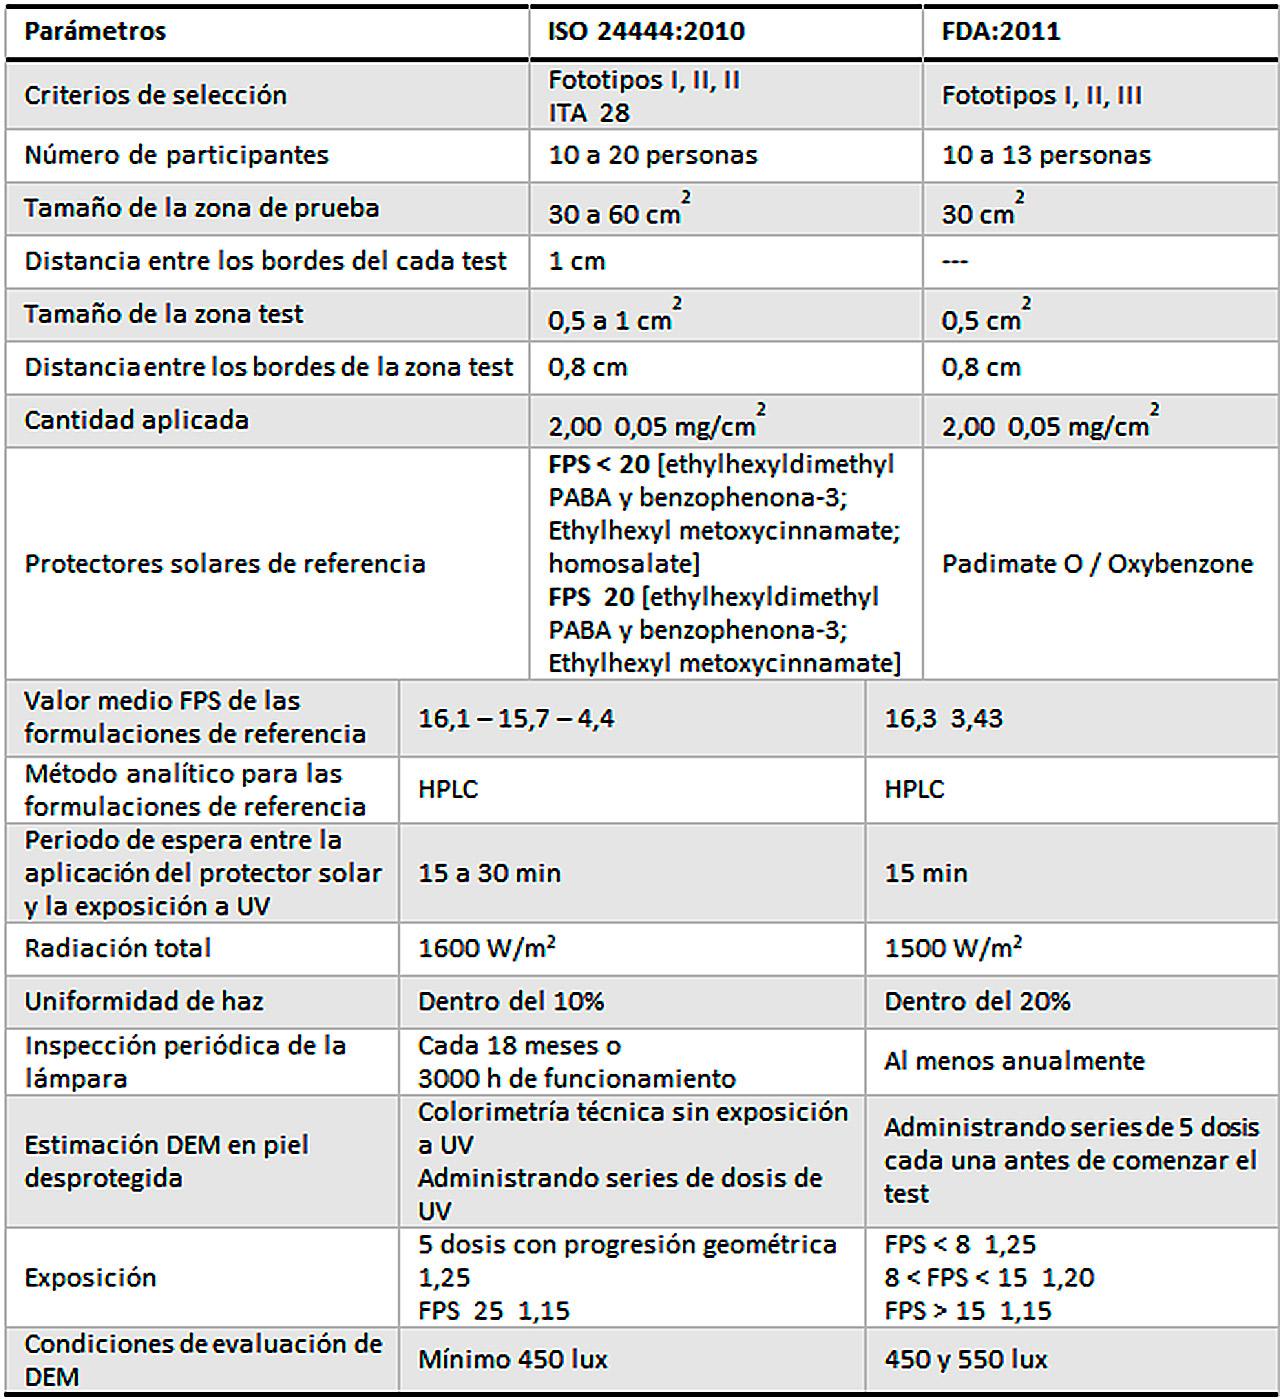 Parámetros empleados para determinar el SPF.